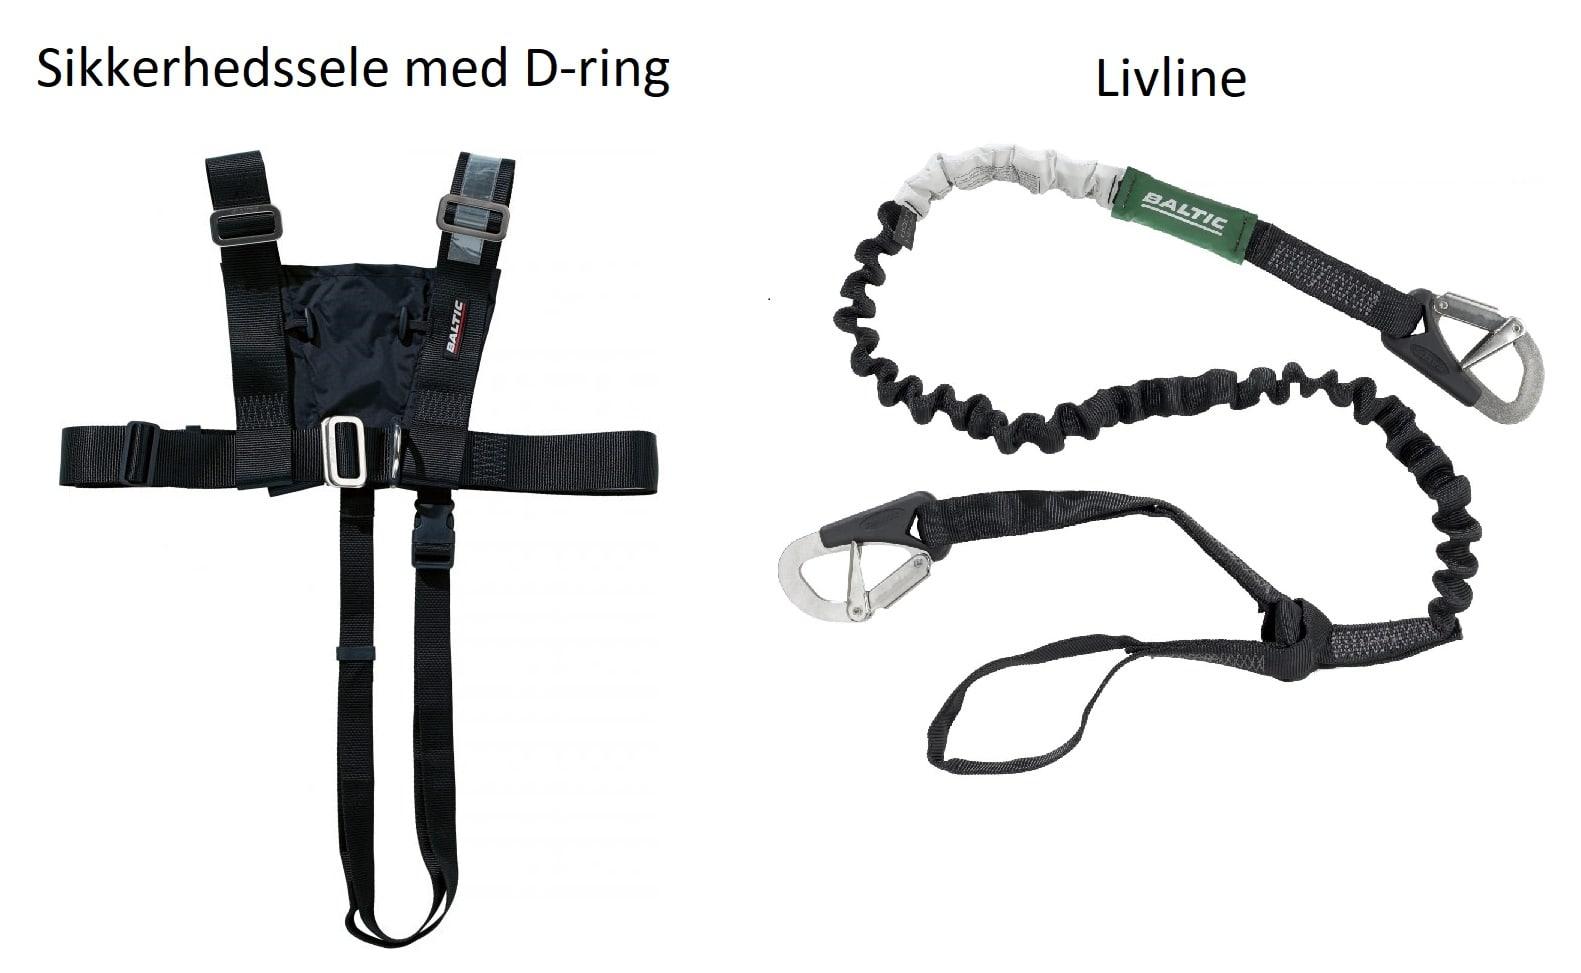 sikkerhedssele og livline til redningsveste